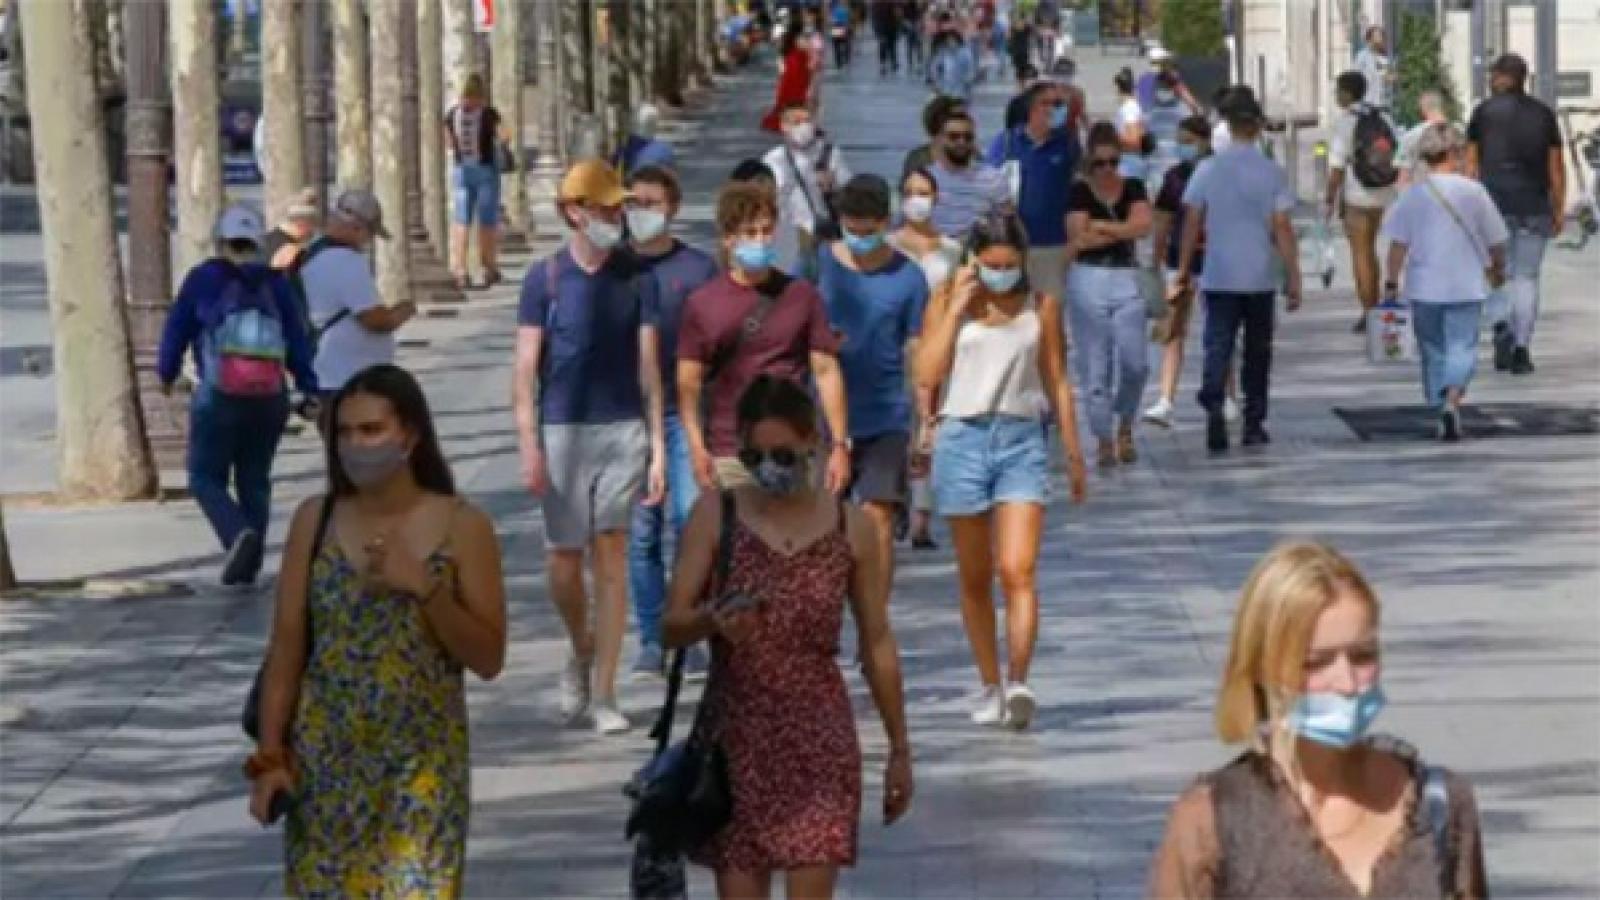 Đức cảnh báo công dân không du lịch đến thủ đô Paris và miền Nam nước Pháp